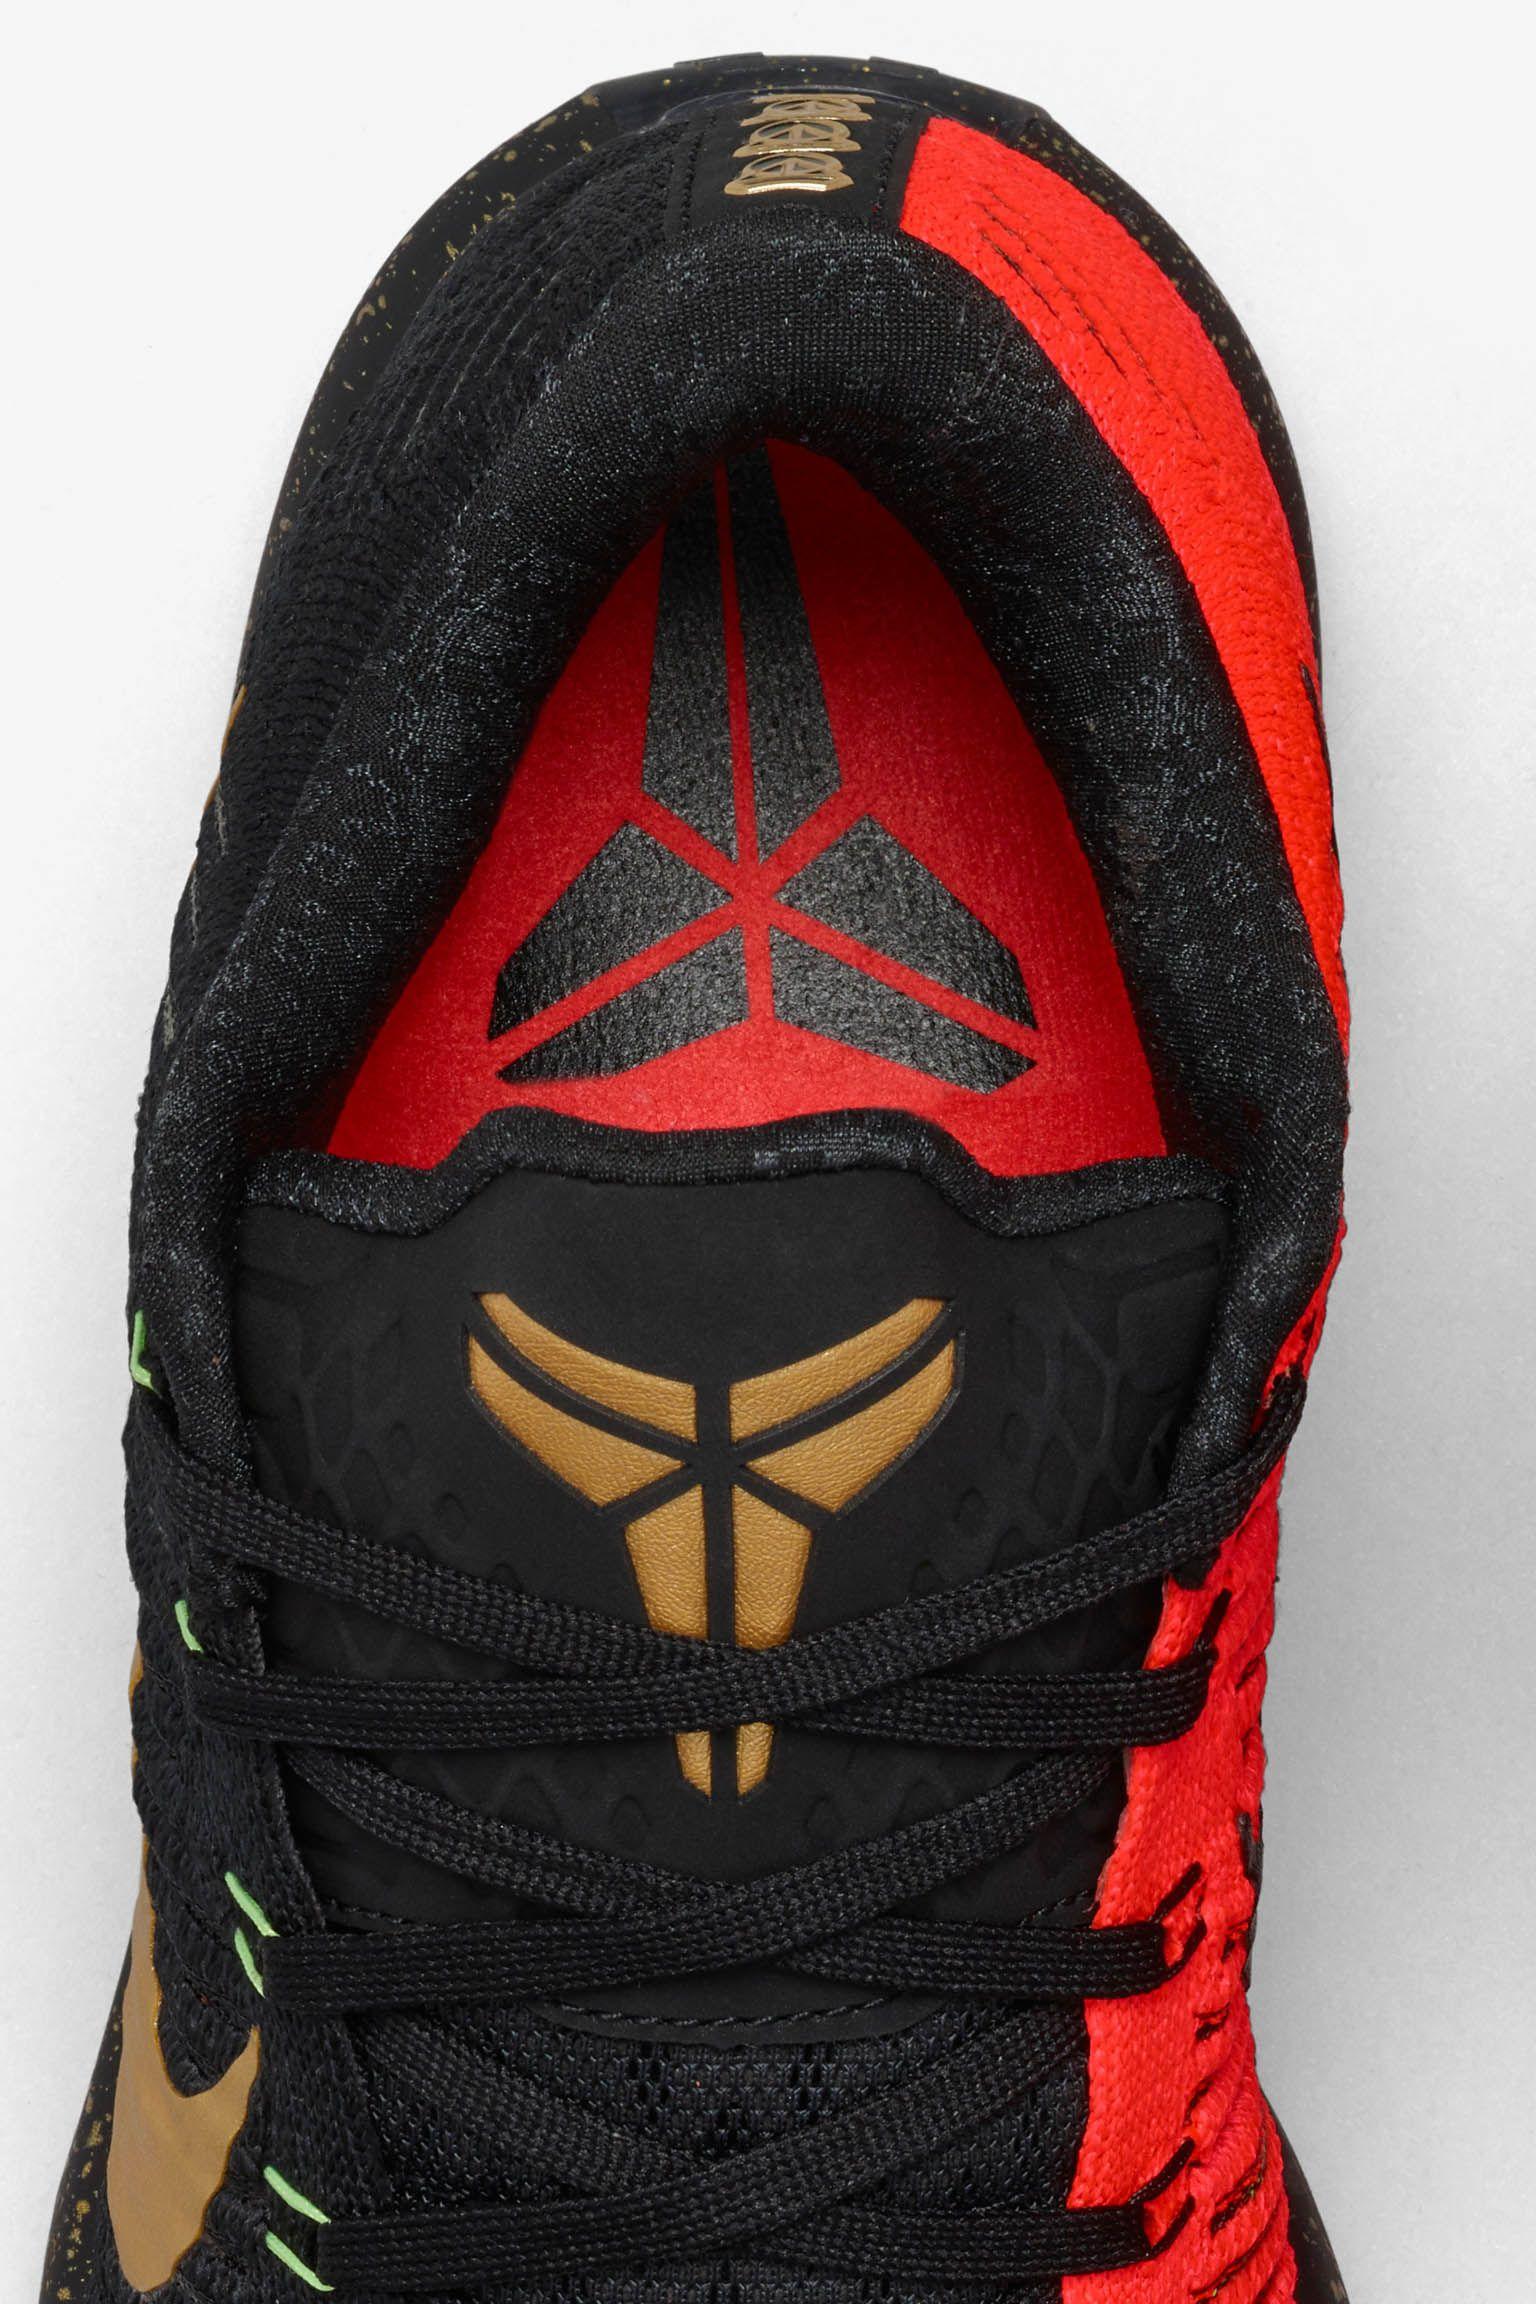 Nike Kobe 10 Elite Low \'Fire & Ice\' Release Date. Nike+ SNKRS